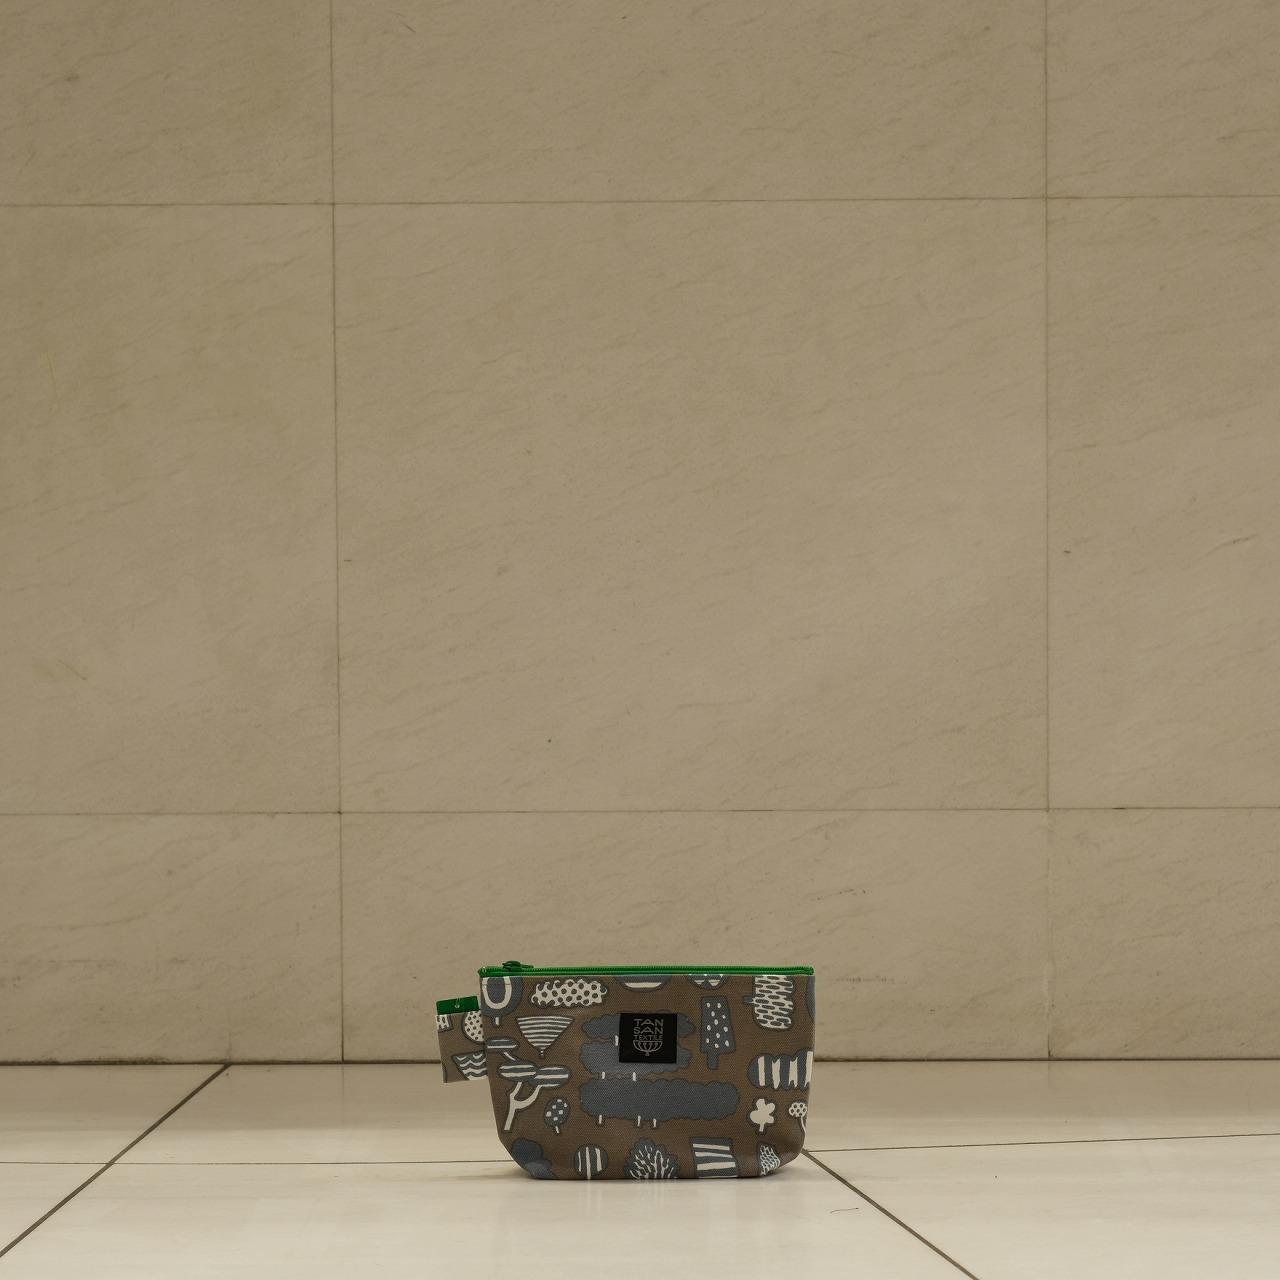 炭酸デザイン室 オンライン展示会 マチポーチM_d0182409_16534157.jpg